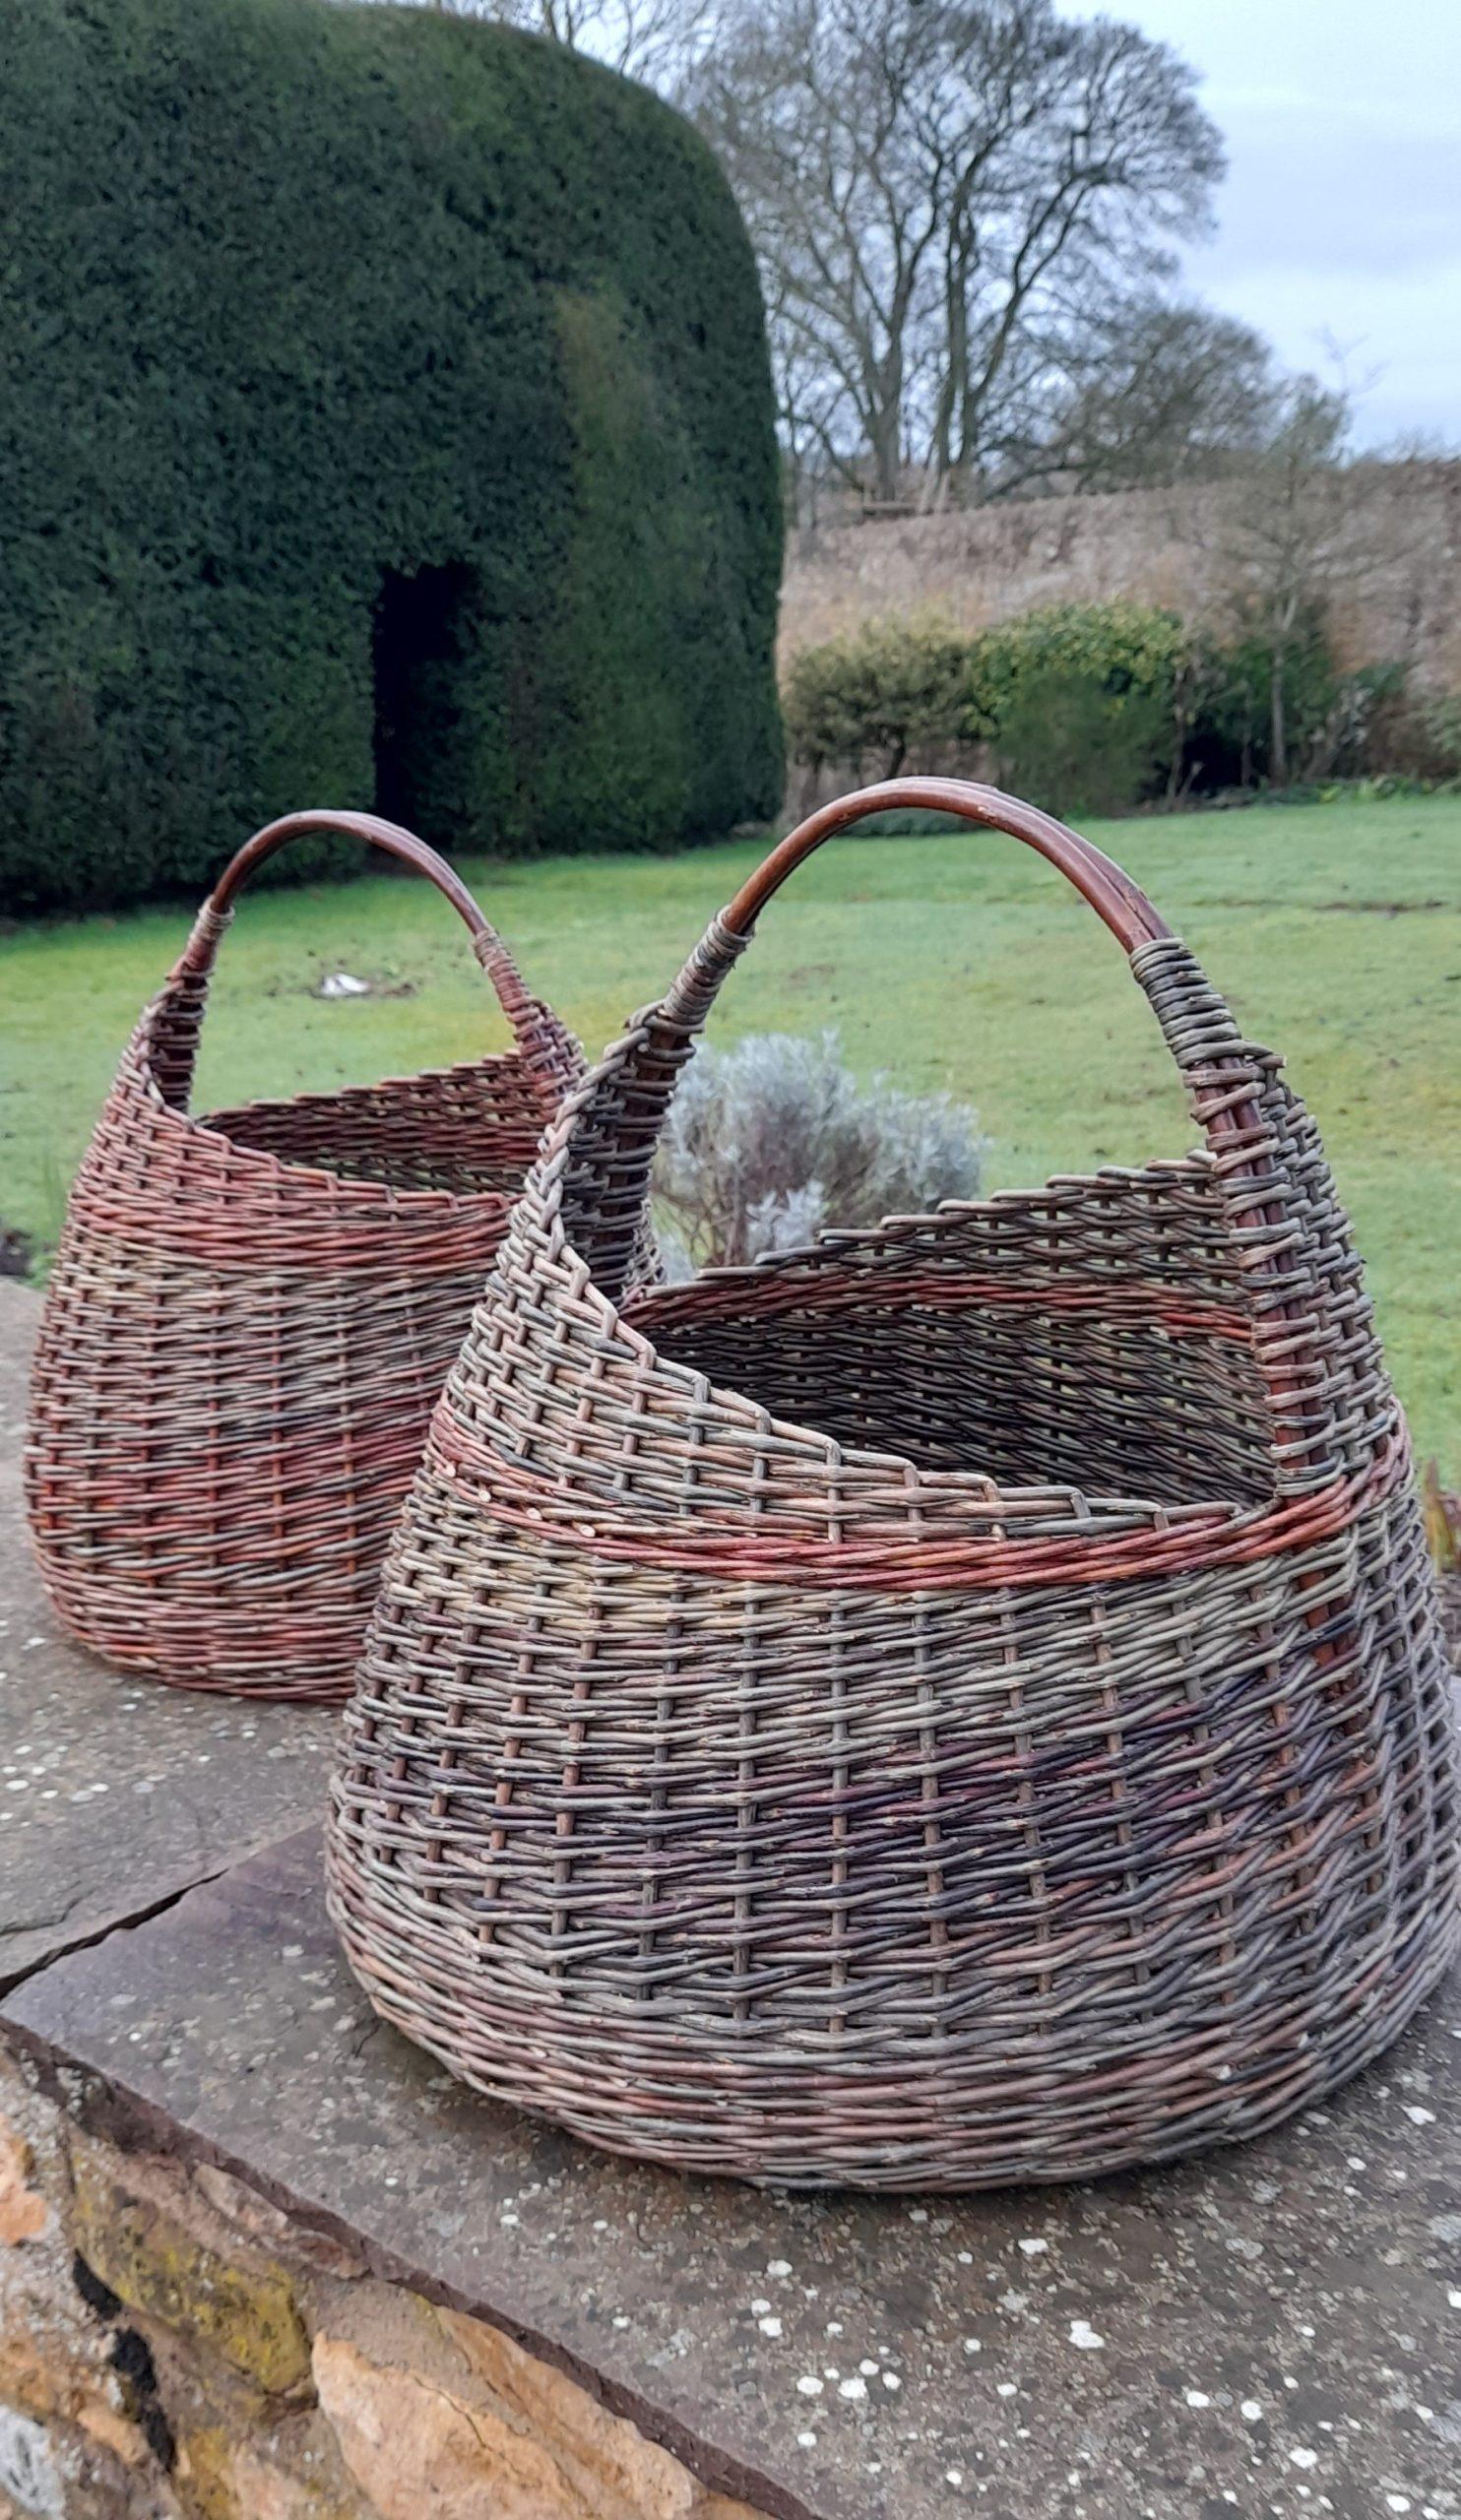 Asymmetric baskets